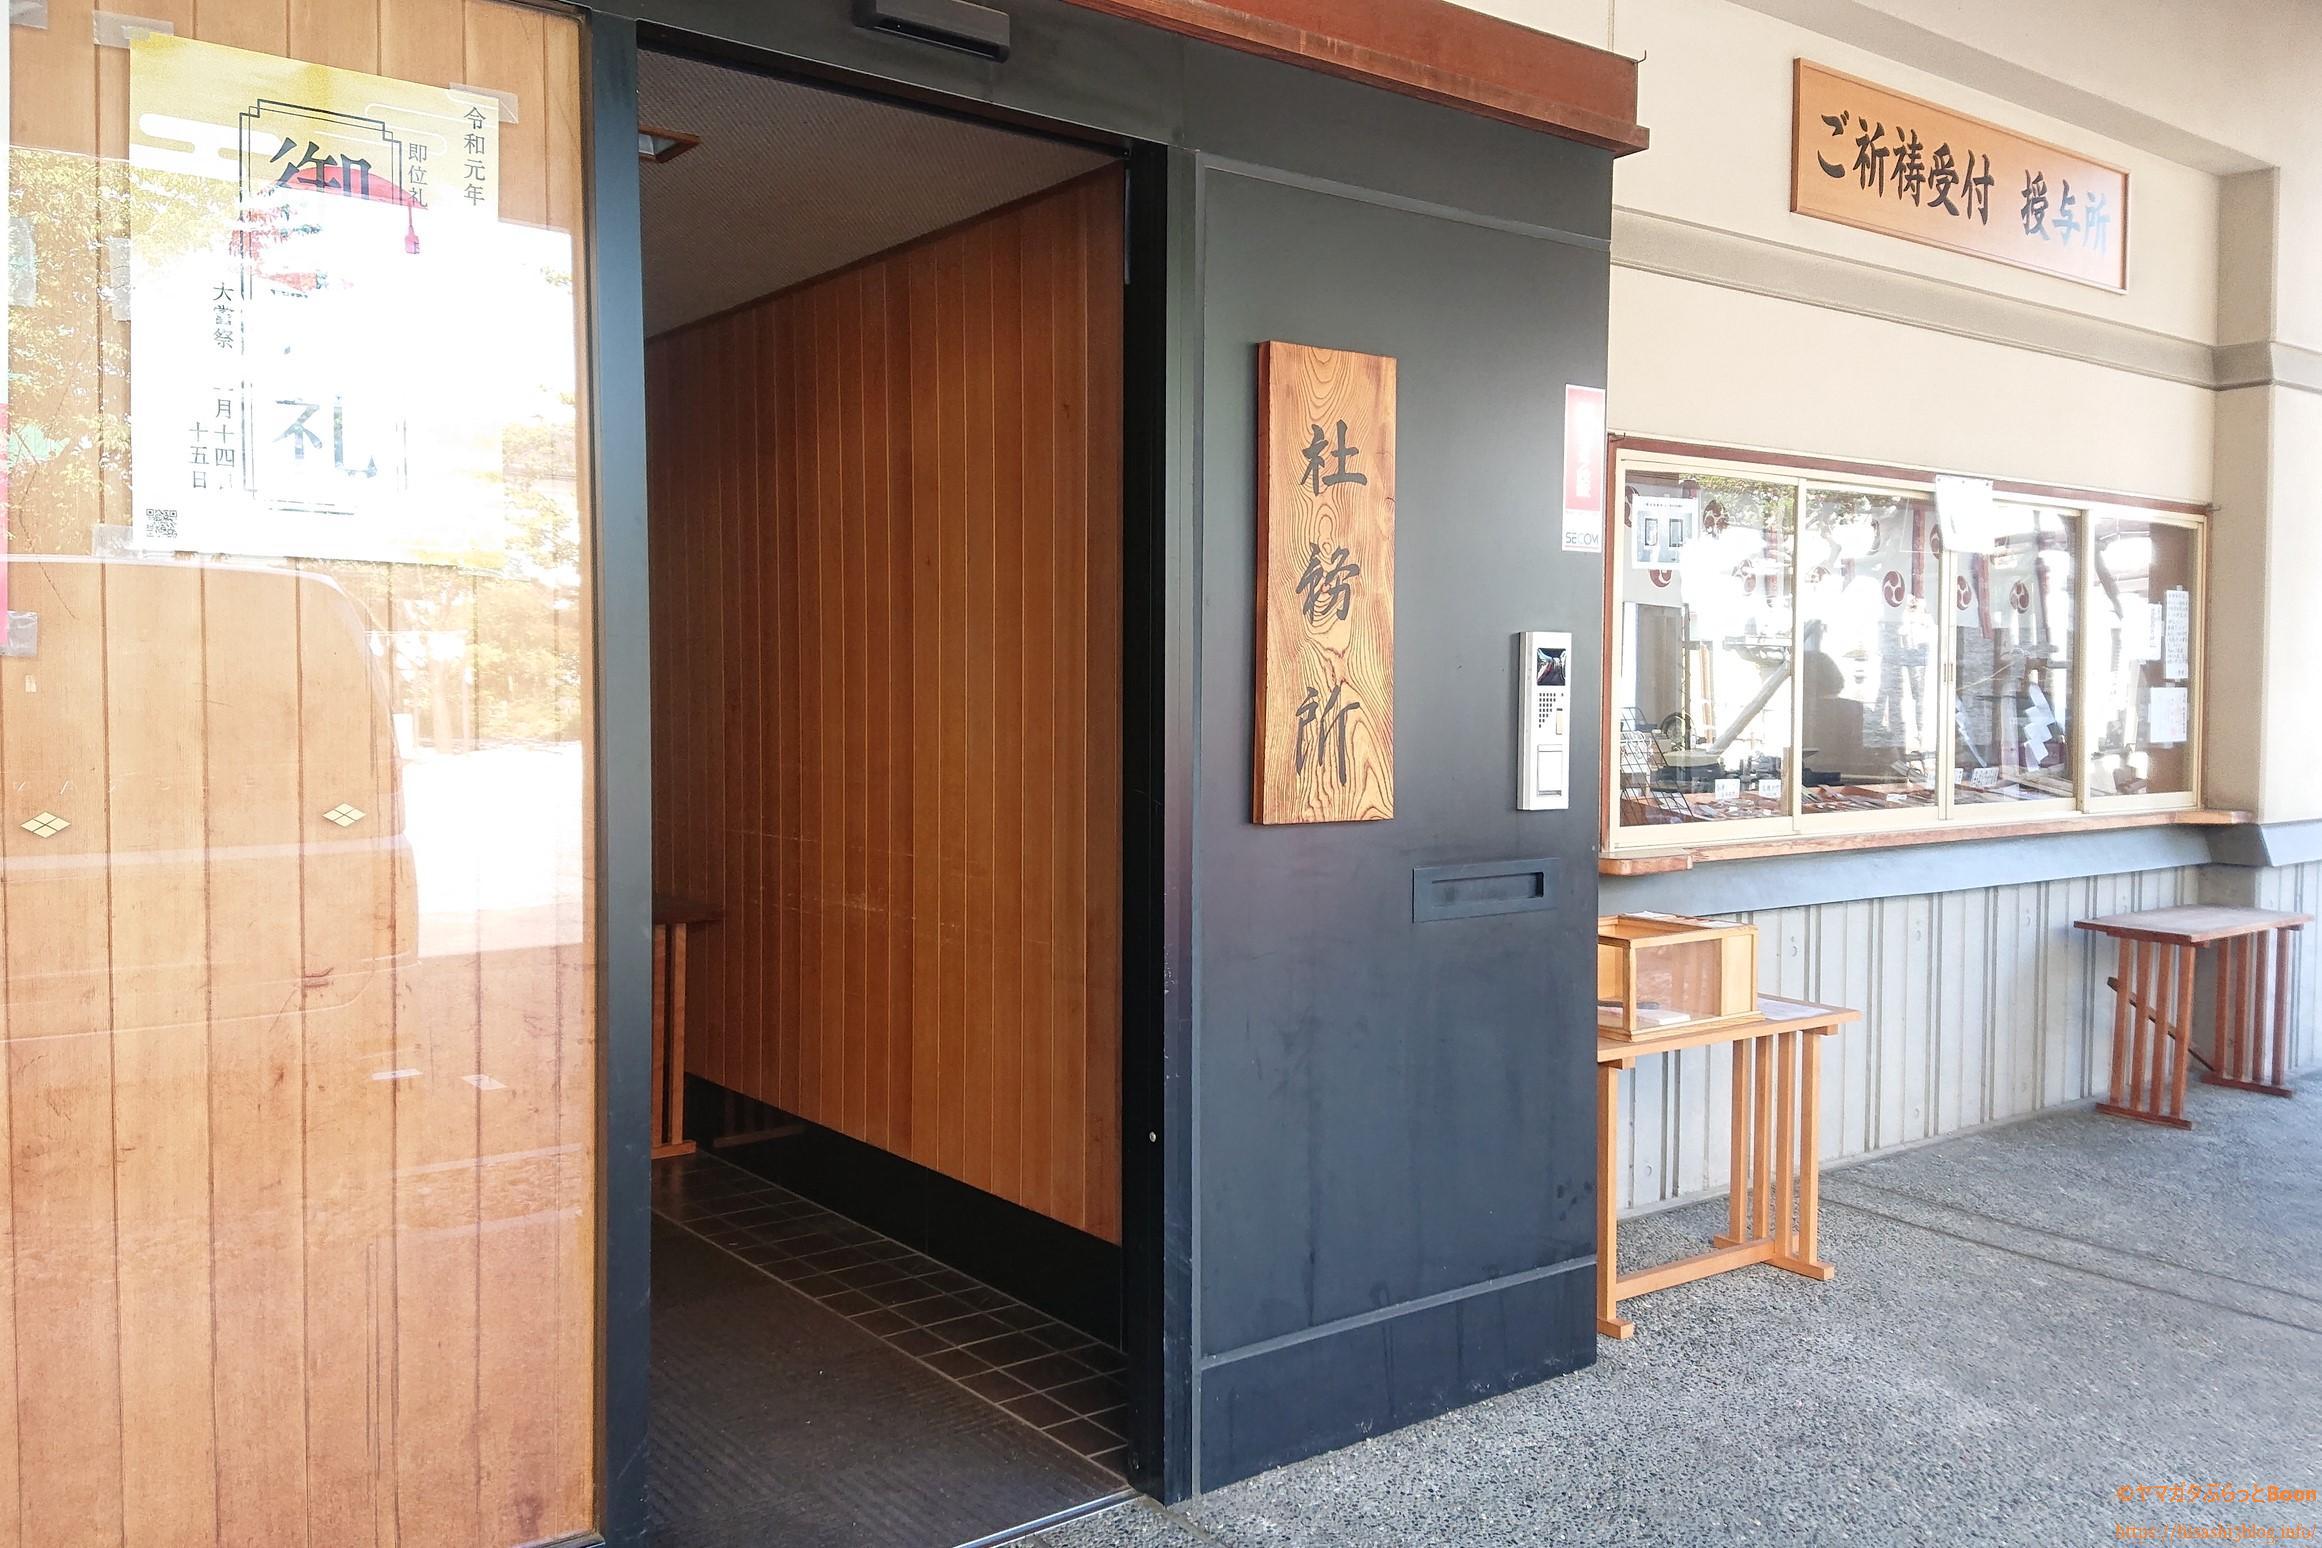 歌懸稲荷神社の社務所